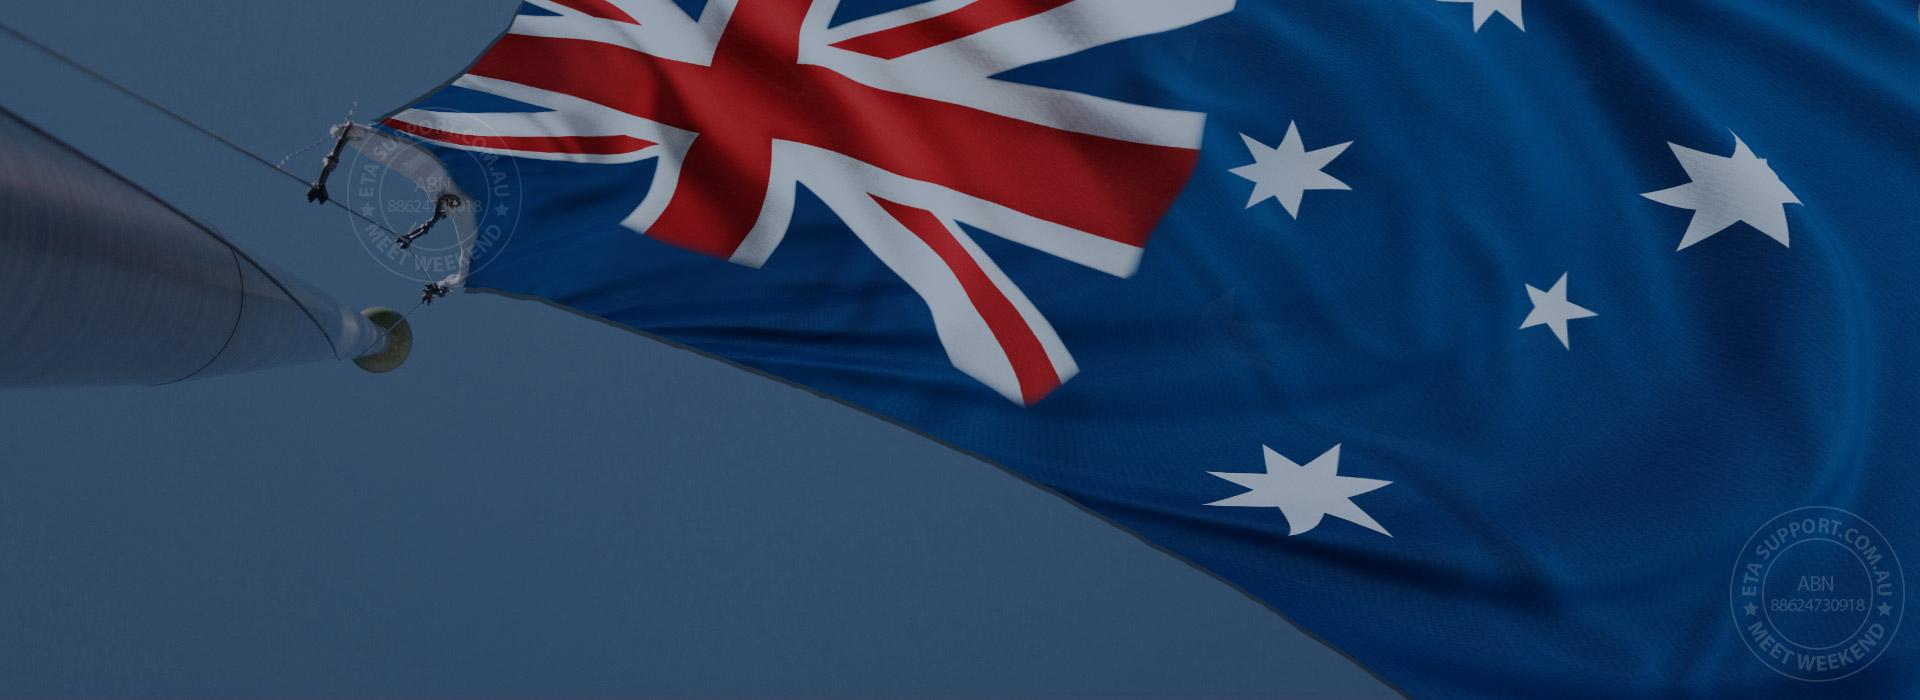 Australia Visa UK, Australia Visa Application, Australia Visa Requirements, Australia eVisitor Visa, Australia ETA Visa, eVisitor Visa Australia, ETA Visa Australia